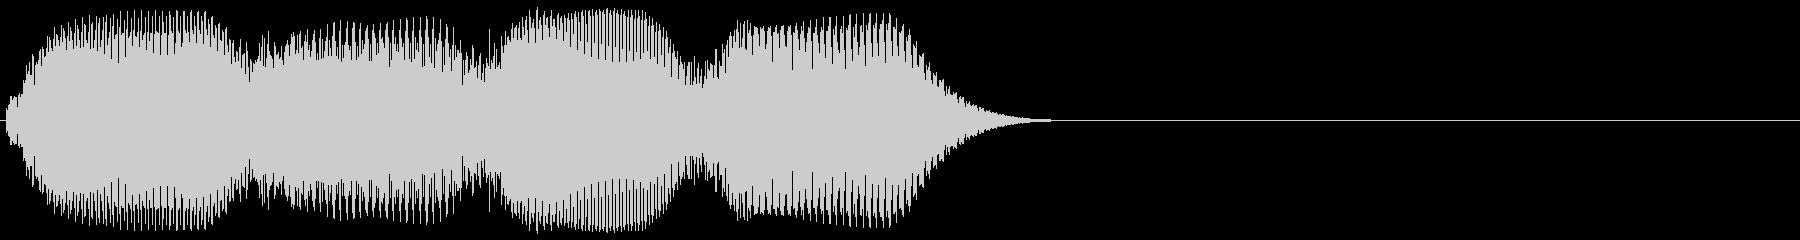 ピコピコ(アクセント・装飾音)の未再生の波形